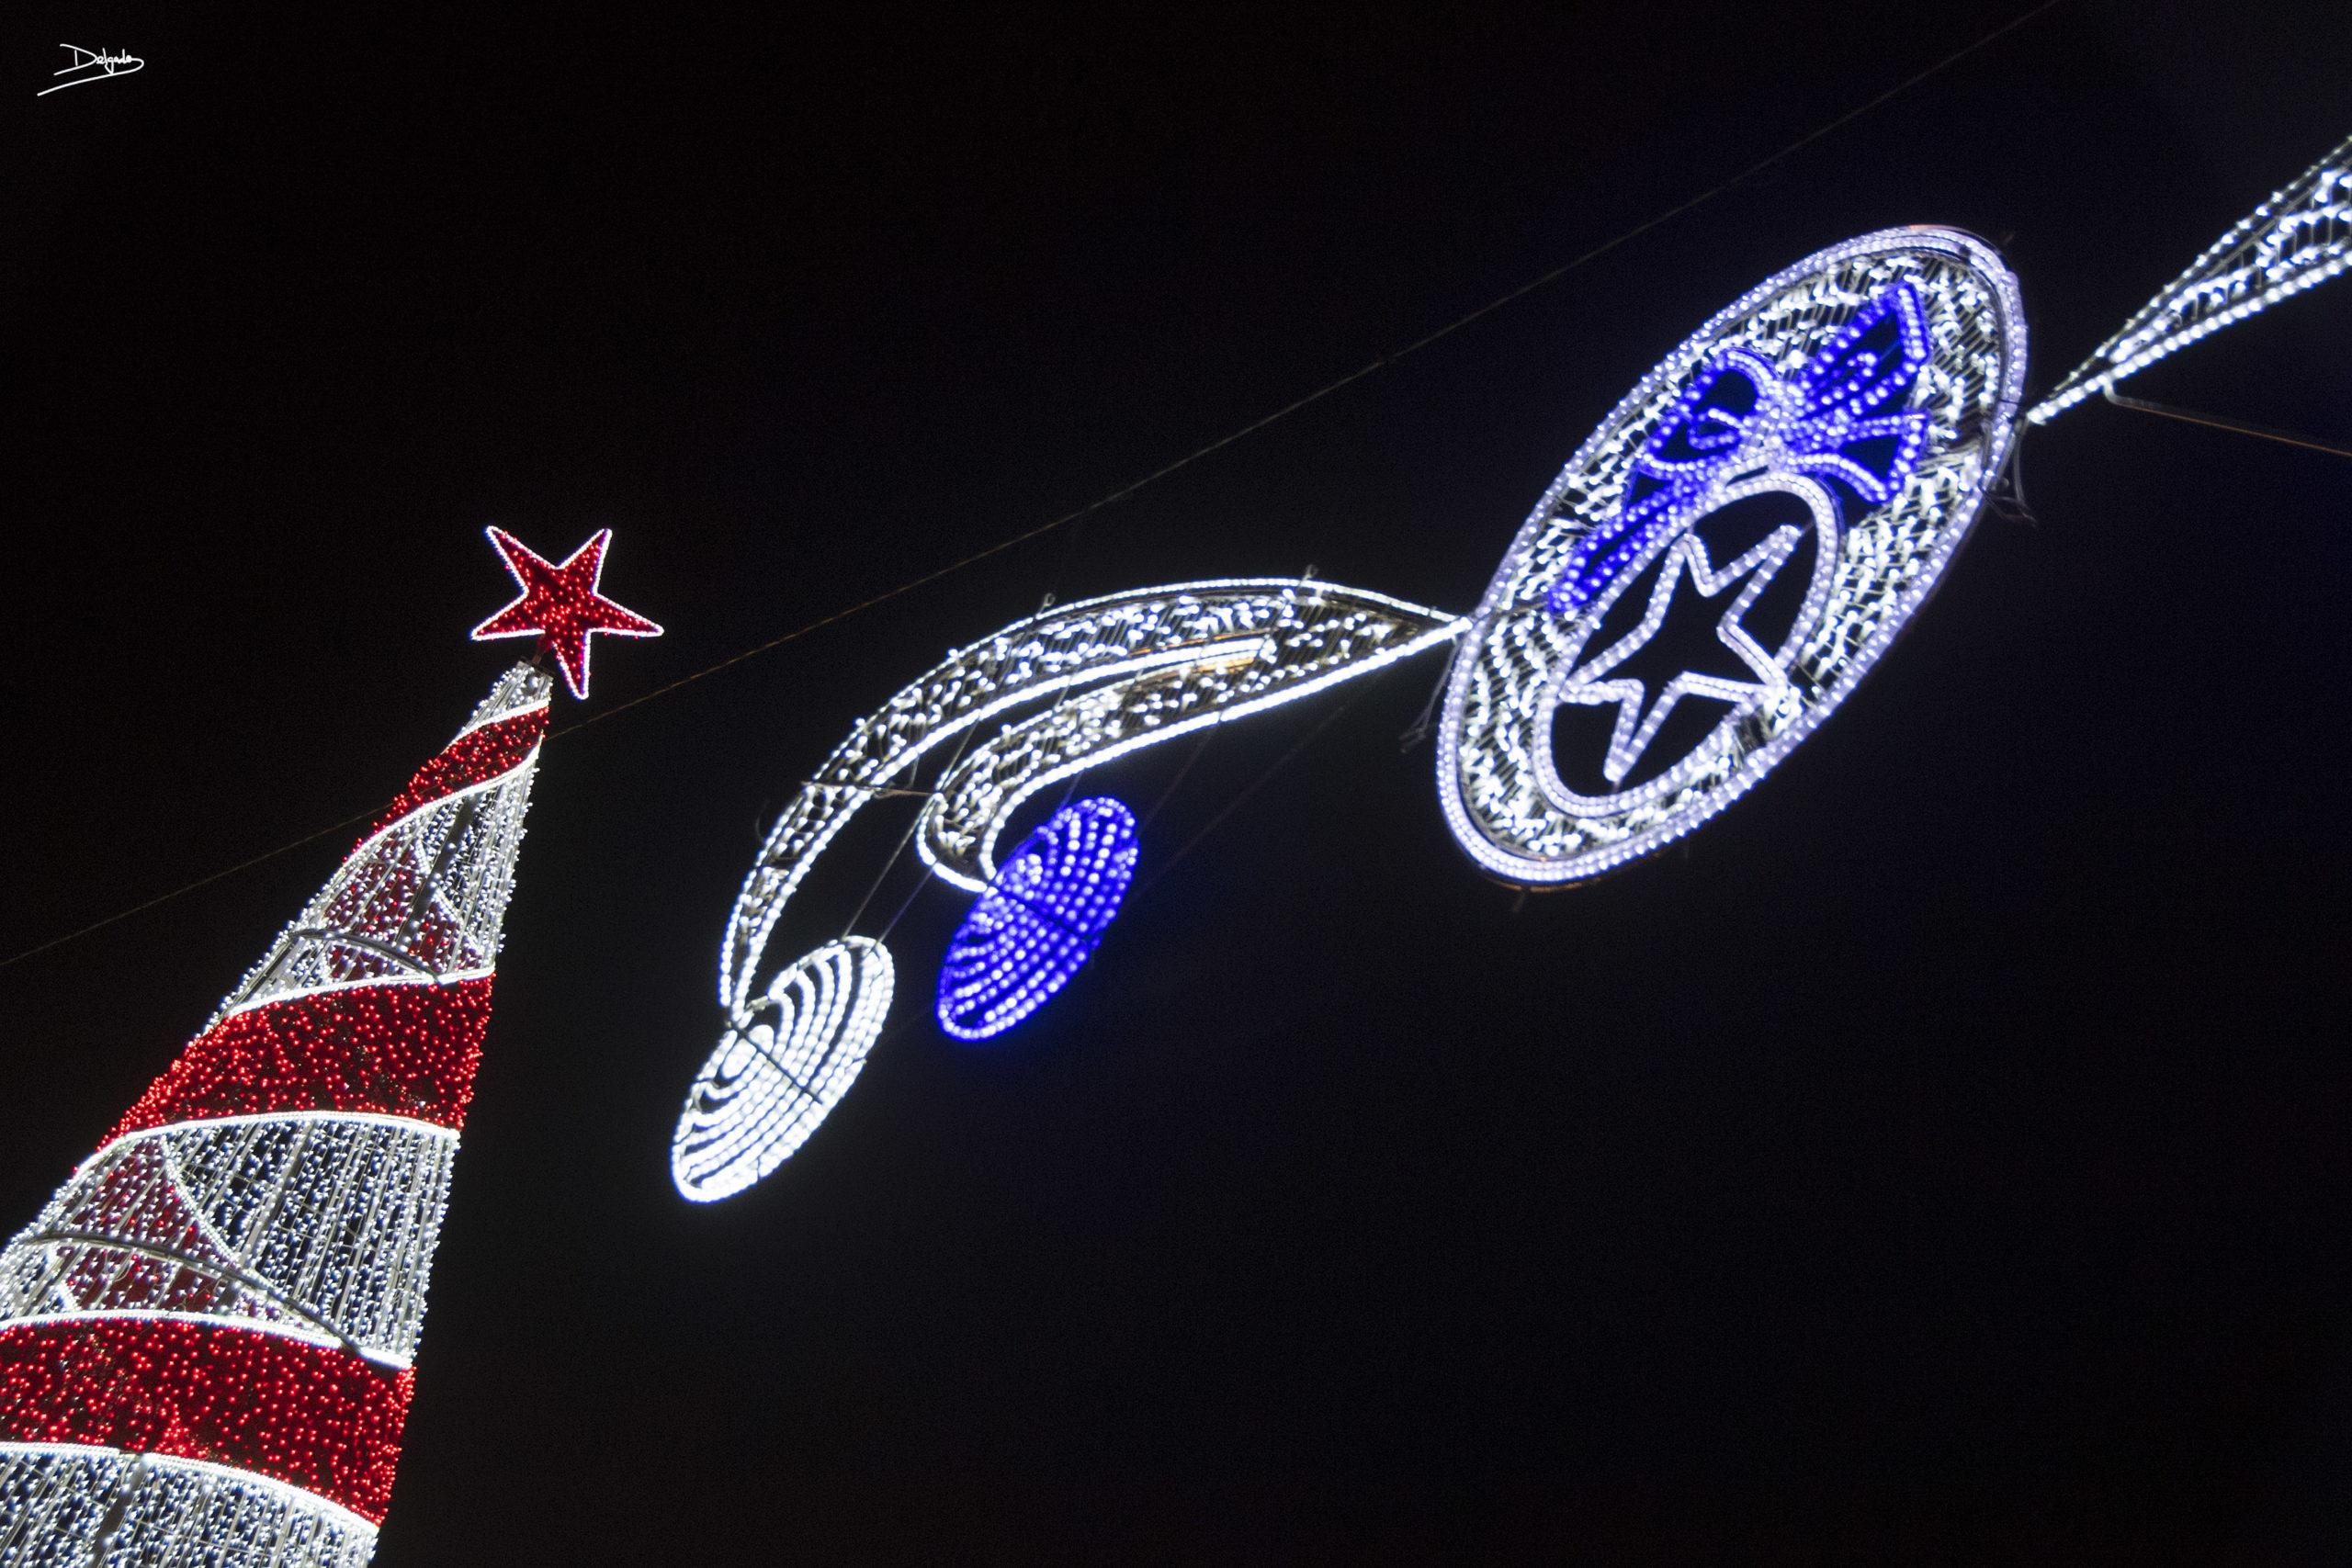 La ciudad se ilumina para Navidad